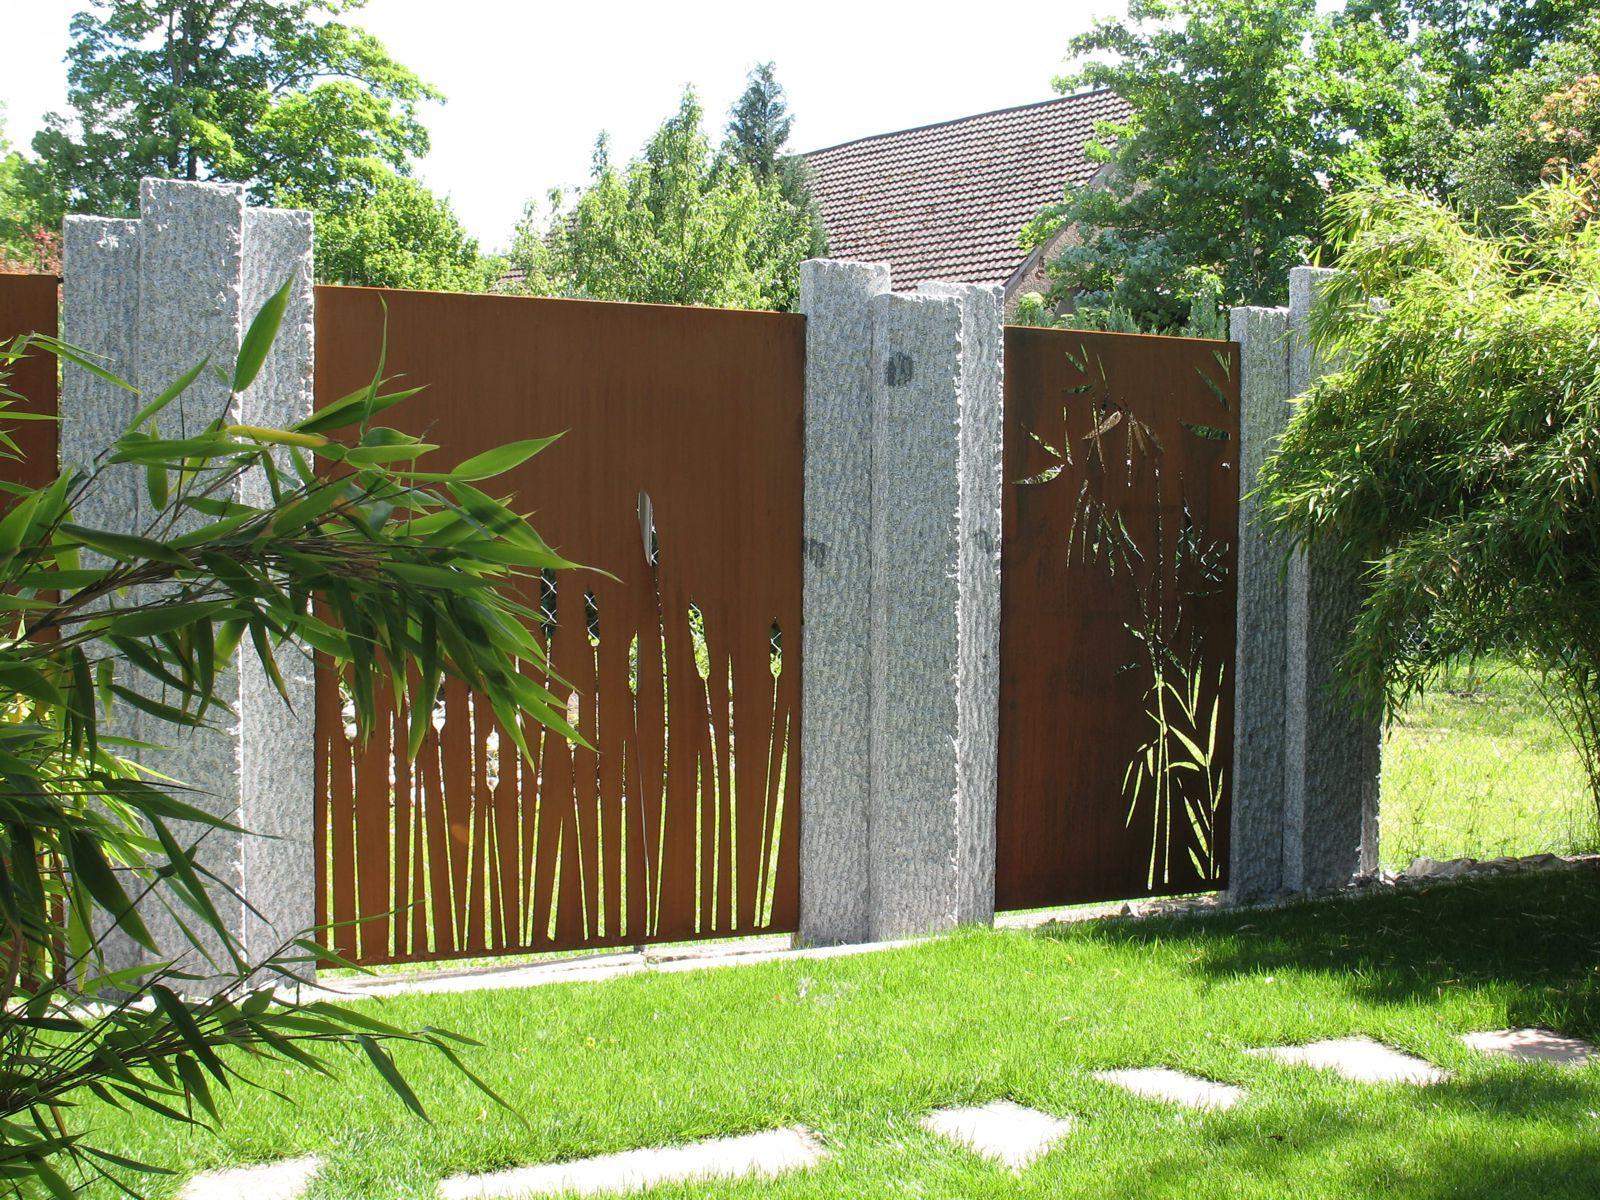 PARAS Sichtschutz die traumgarten ag Sichtschutz